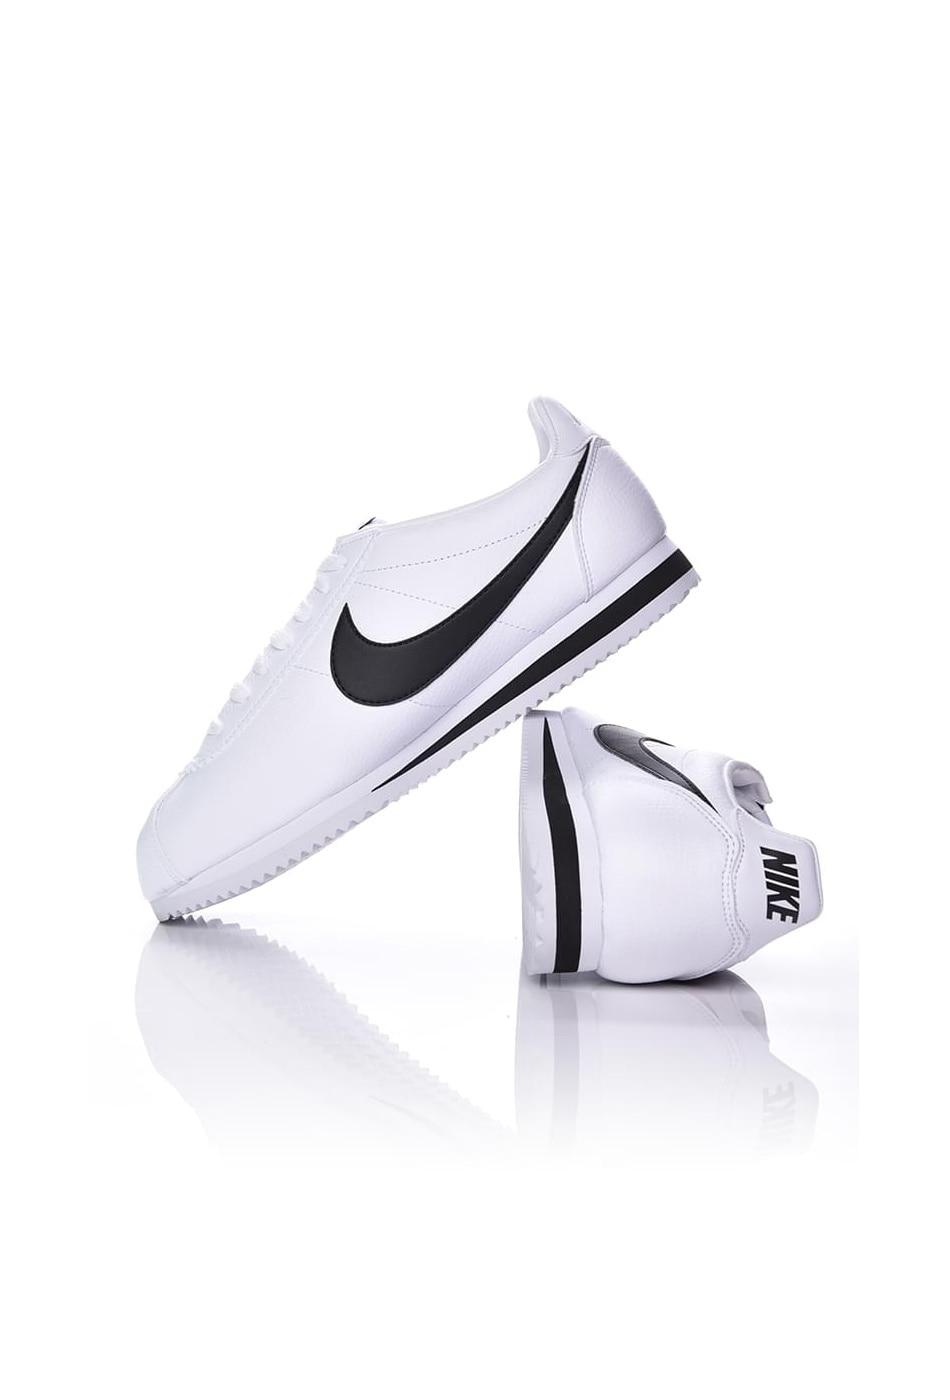 Férfi Nike utcai cipö Classic Cortez Leather Shoe fehér 48,5